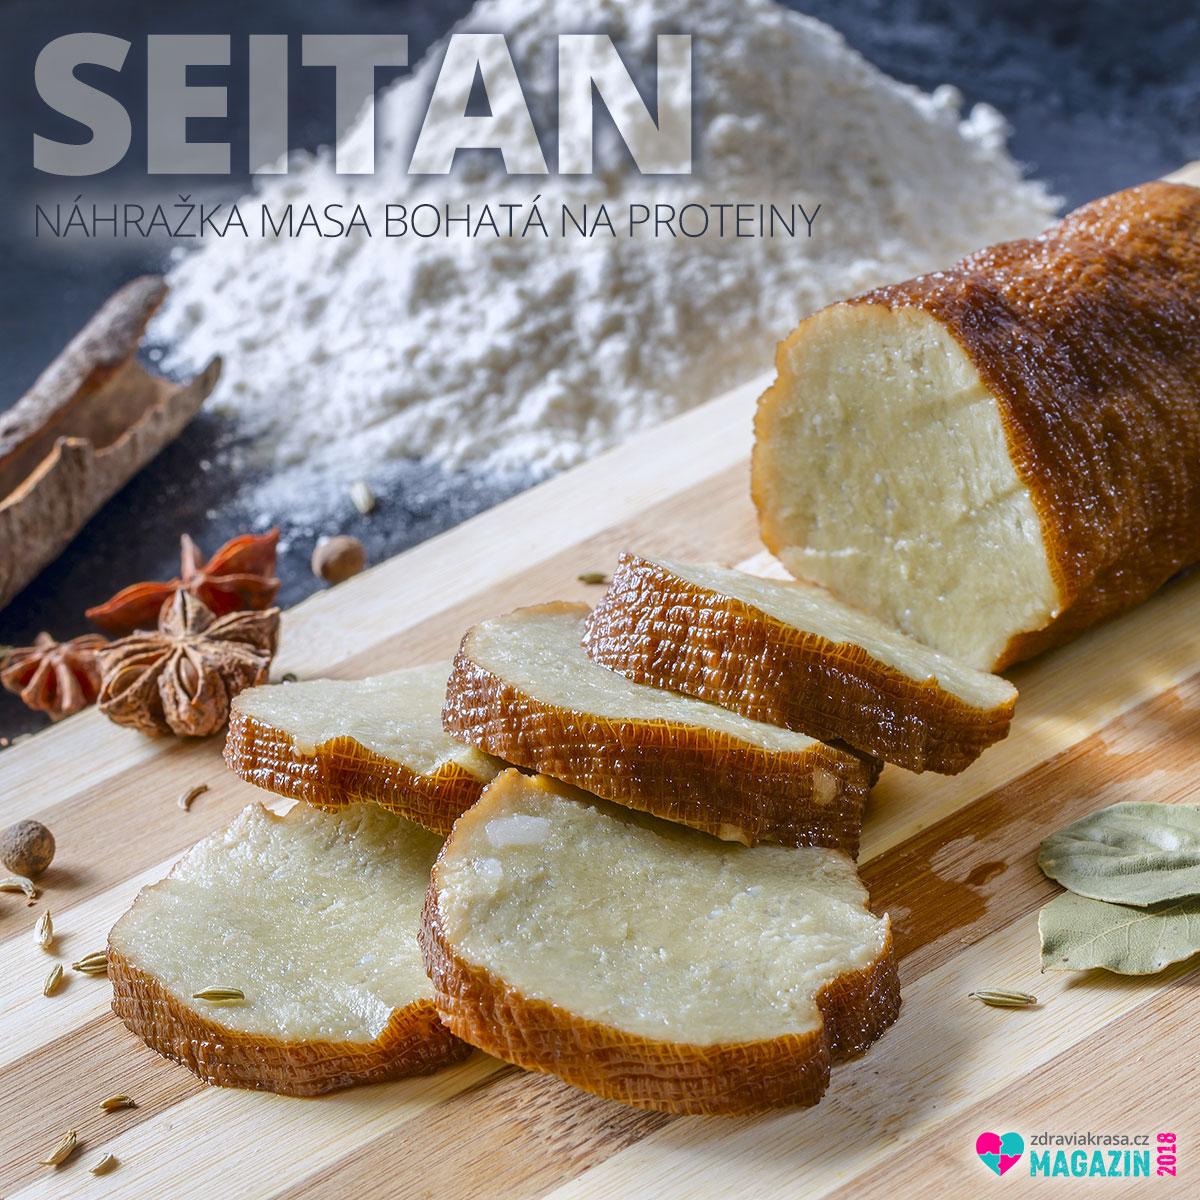 Doma připravená náhražka masa bohatá na proteiny – seitan. Výroba je snadná.